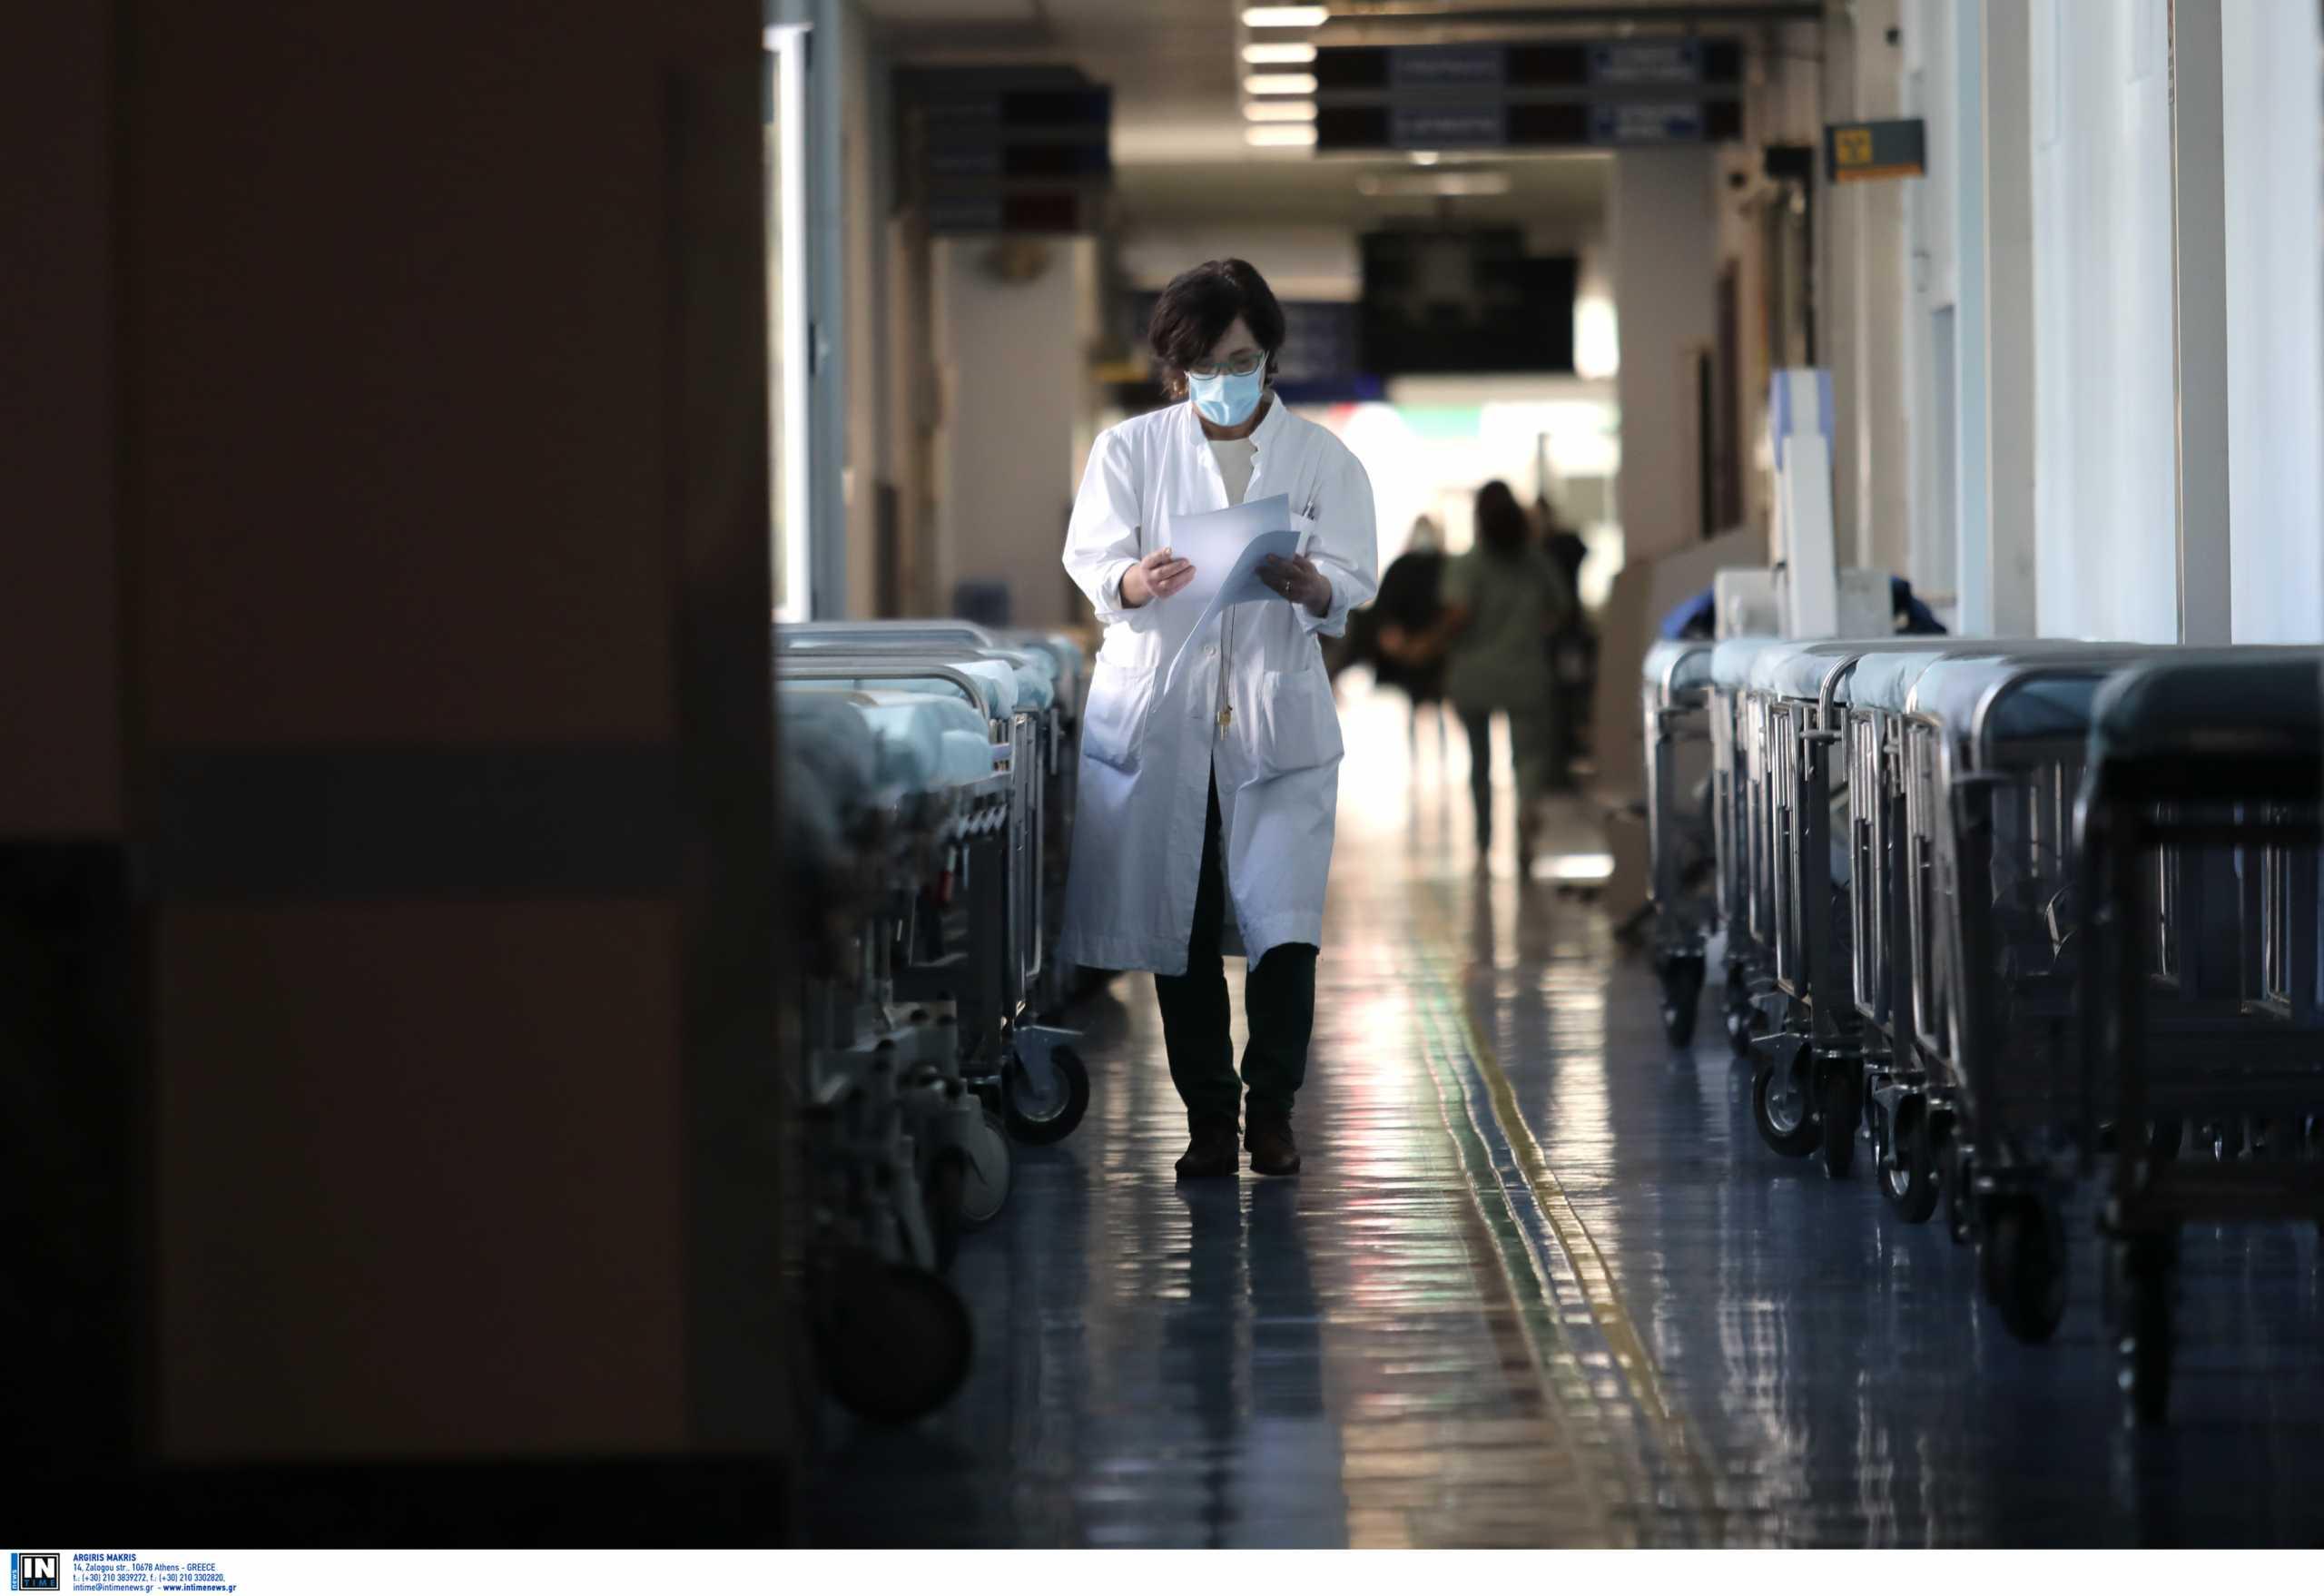 Κορονοϊός: Τα αντισώματα όσων νόσησαν παραμένουν για τουλάχιστον 8 μήνες